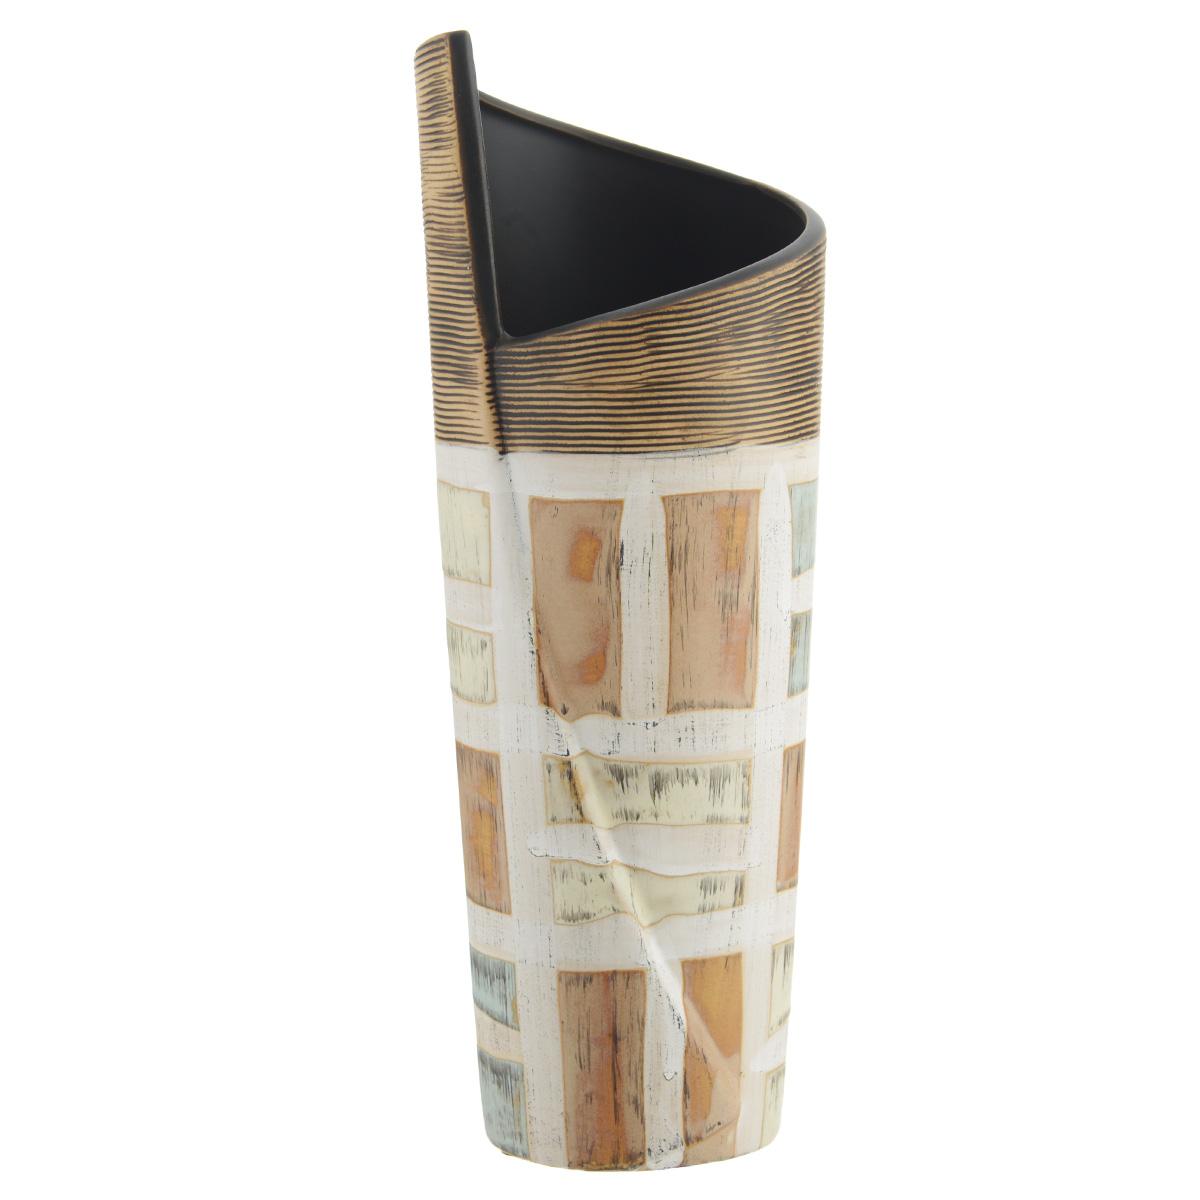 Ваза декоративная Геометрия M, высота 30,5 см37409Элегантная ваза Геометрия M выполнена из высококачественного глазурованного фаянса и украшена и украшена оригинальным рисунком. Изделие имеет прорезиненные ножки, предотвращающие скольжение ее по поверхности. Оригинальная ваза Геометрия M придется по вкусу и ценителям классики, и тем, кто предпочитает утонченность и изящность. Вы можете поставить вазу в любом месте, где она будет удачно смотреться и радовать глаз. Такая ваза подойдет и для цветов, и для декора интерьера. Кроме того - это отличный вариант подарка для ваших близких и друзей. Диаметр вазы (по верхнему краю): 10 см. Высота вазы: 30,5 см.